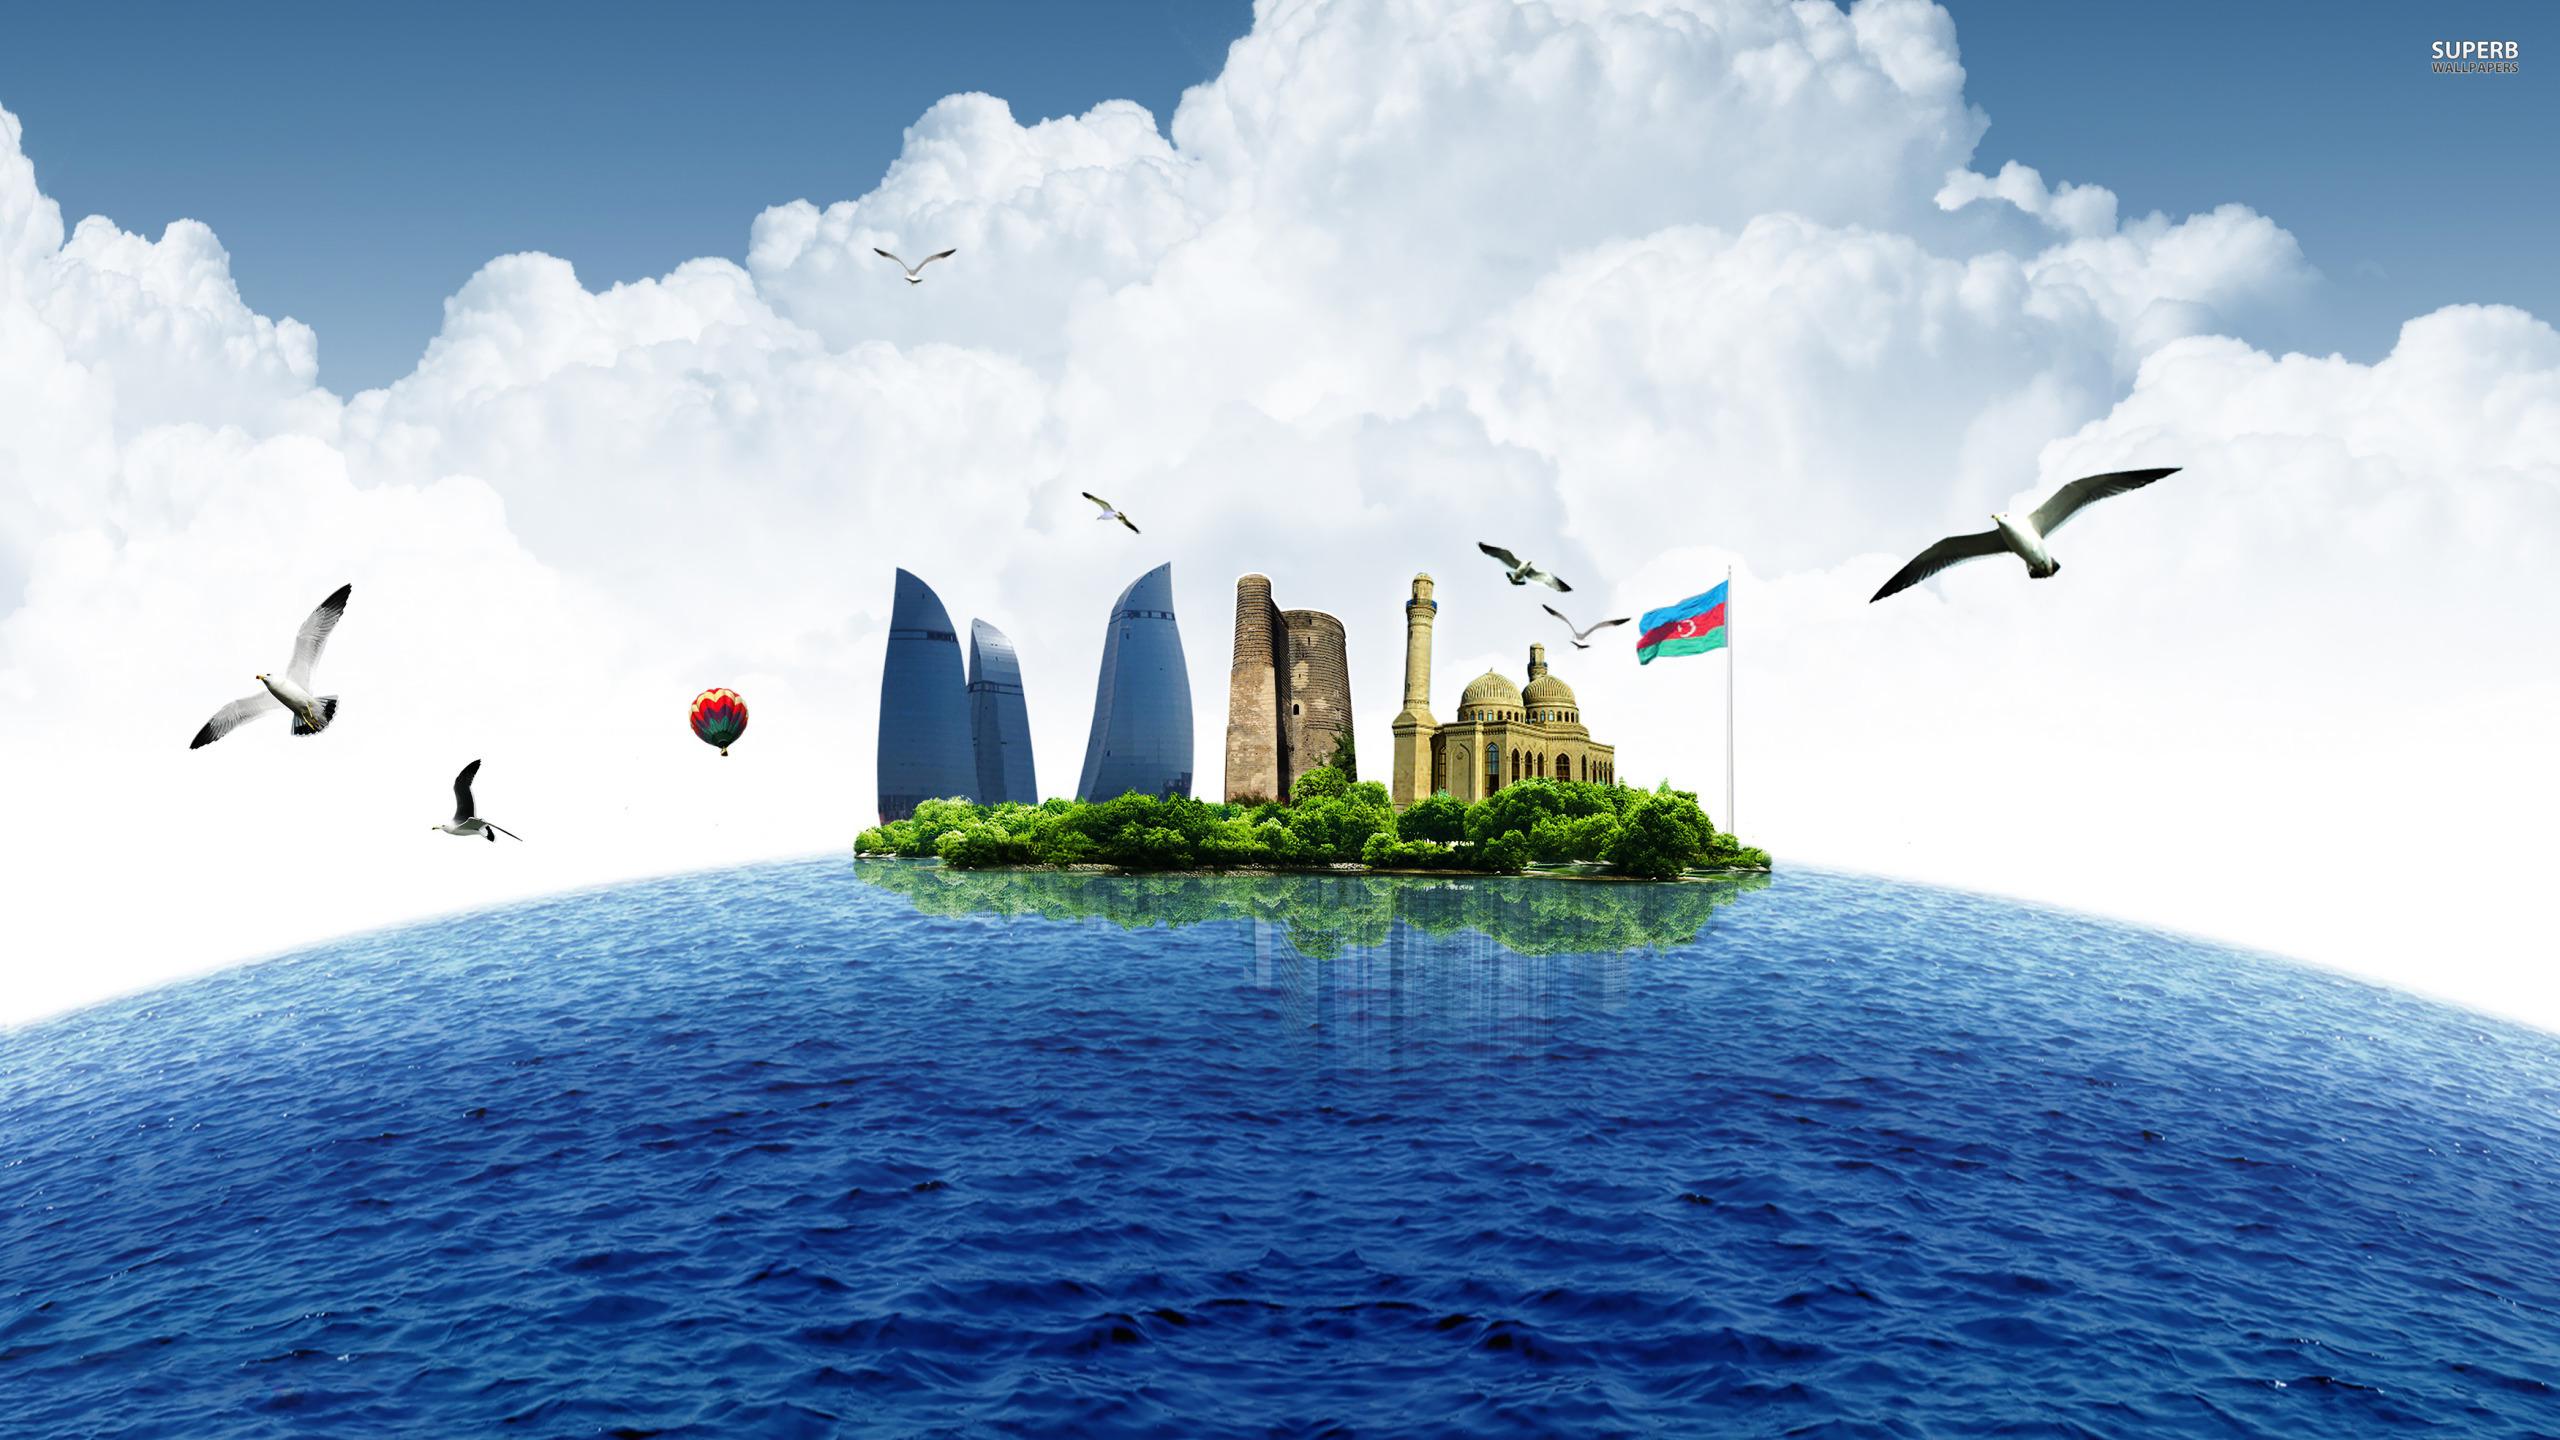 Baku as an island wallpaper 2560x1440